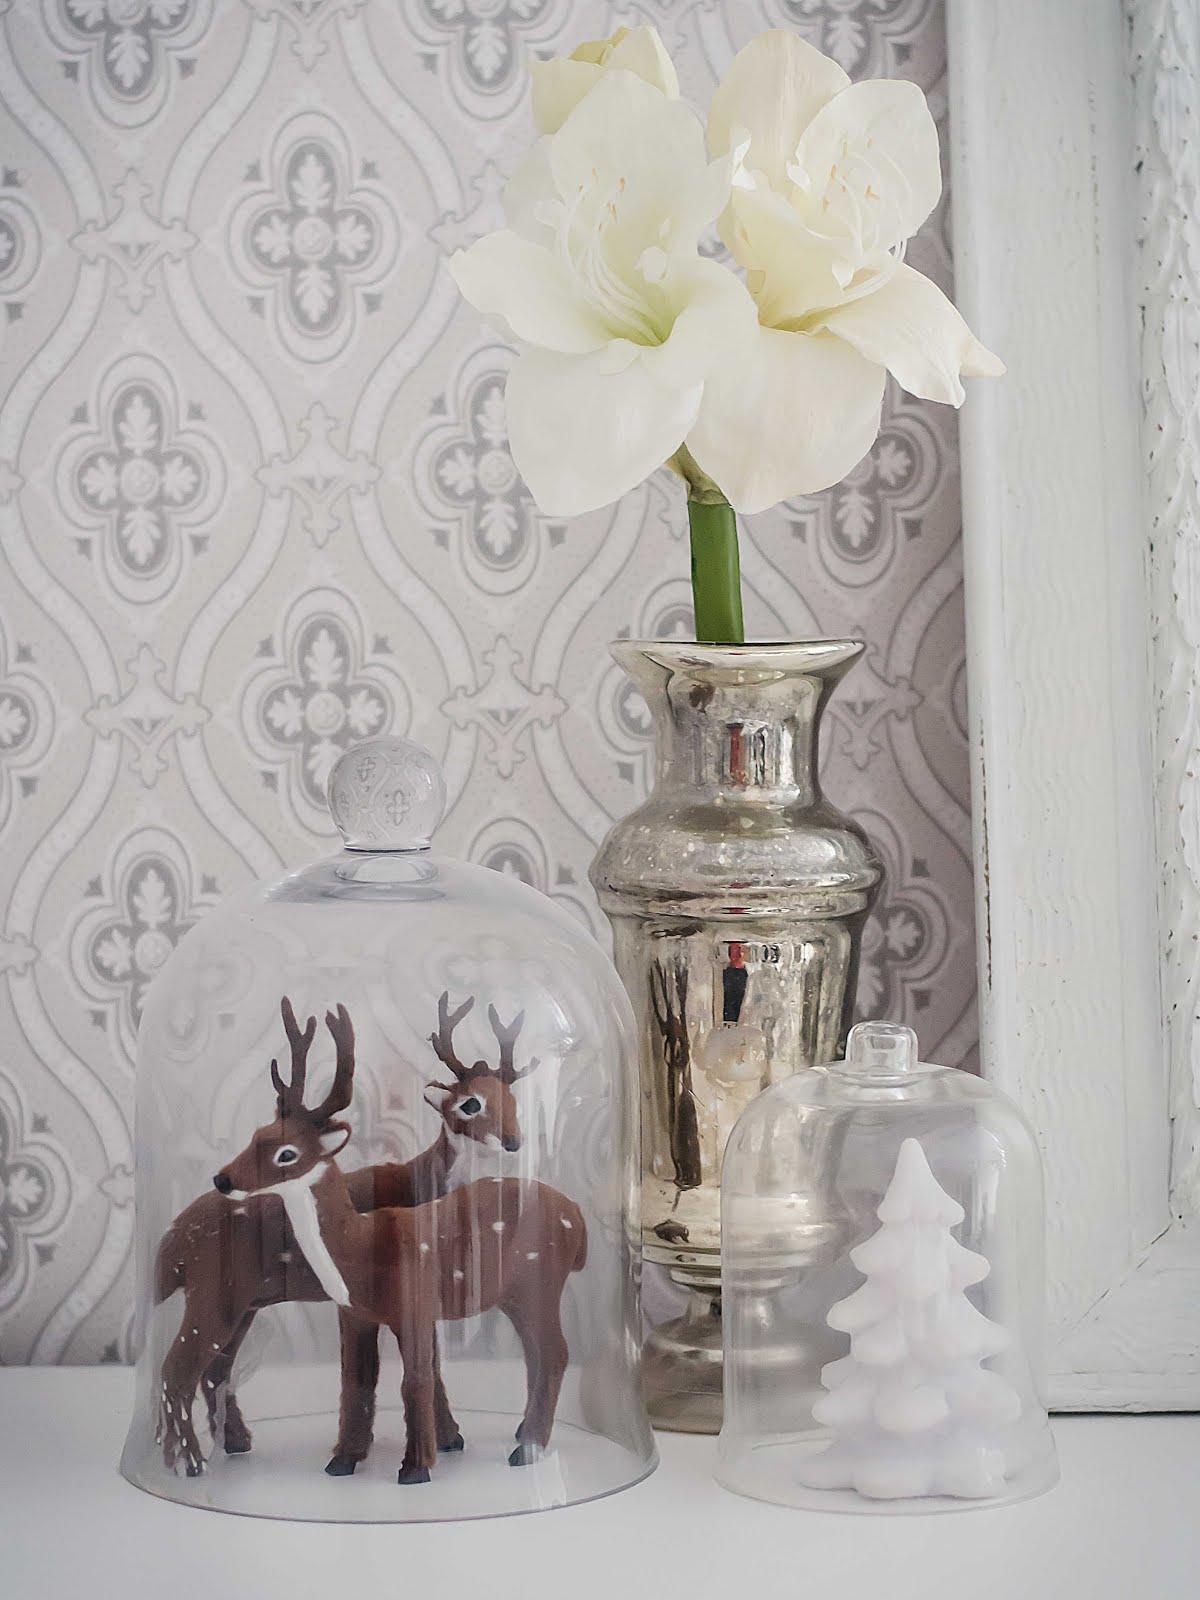 Julbloggen Min vita jul - Sveriges bästa julblogg!: Jul i mitt sovrum